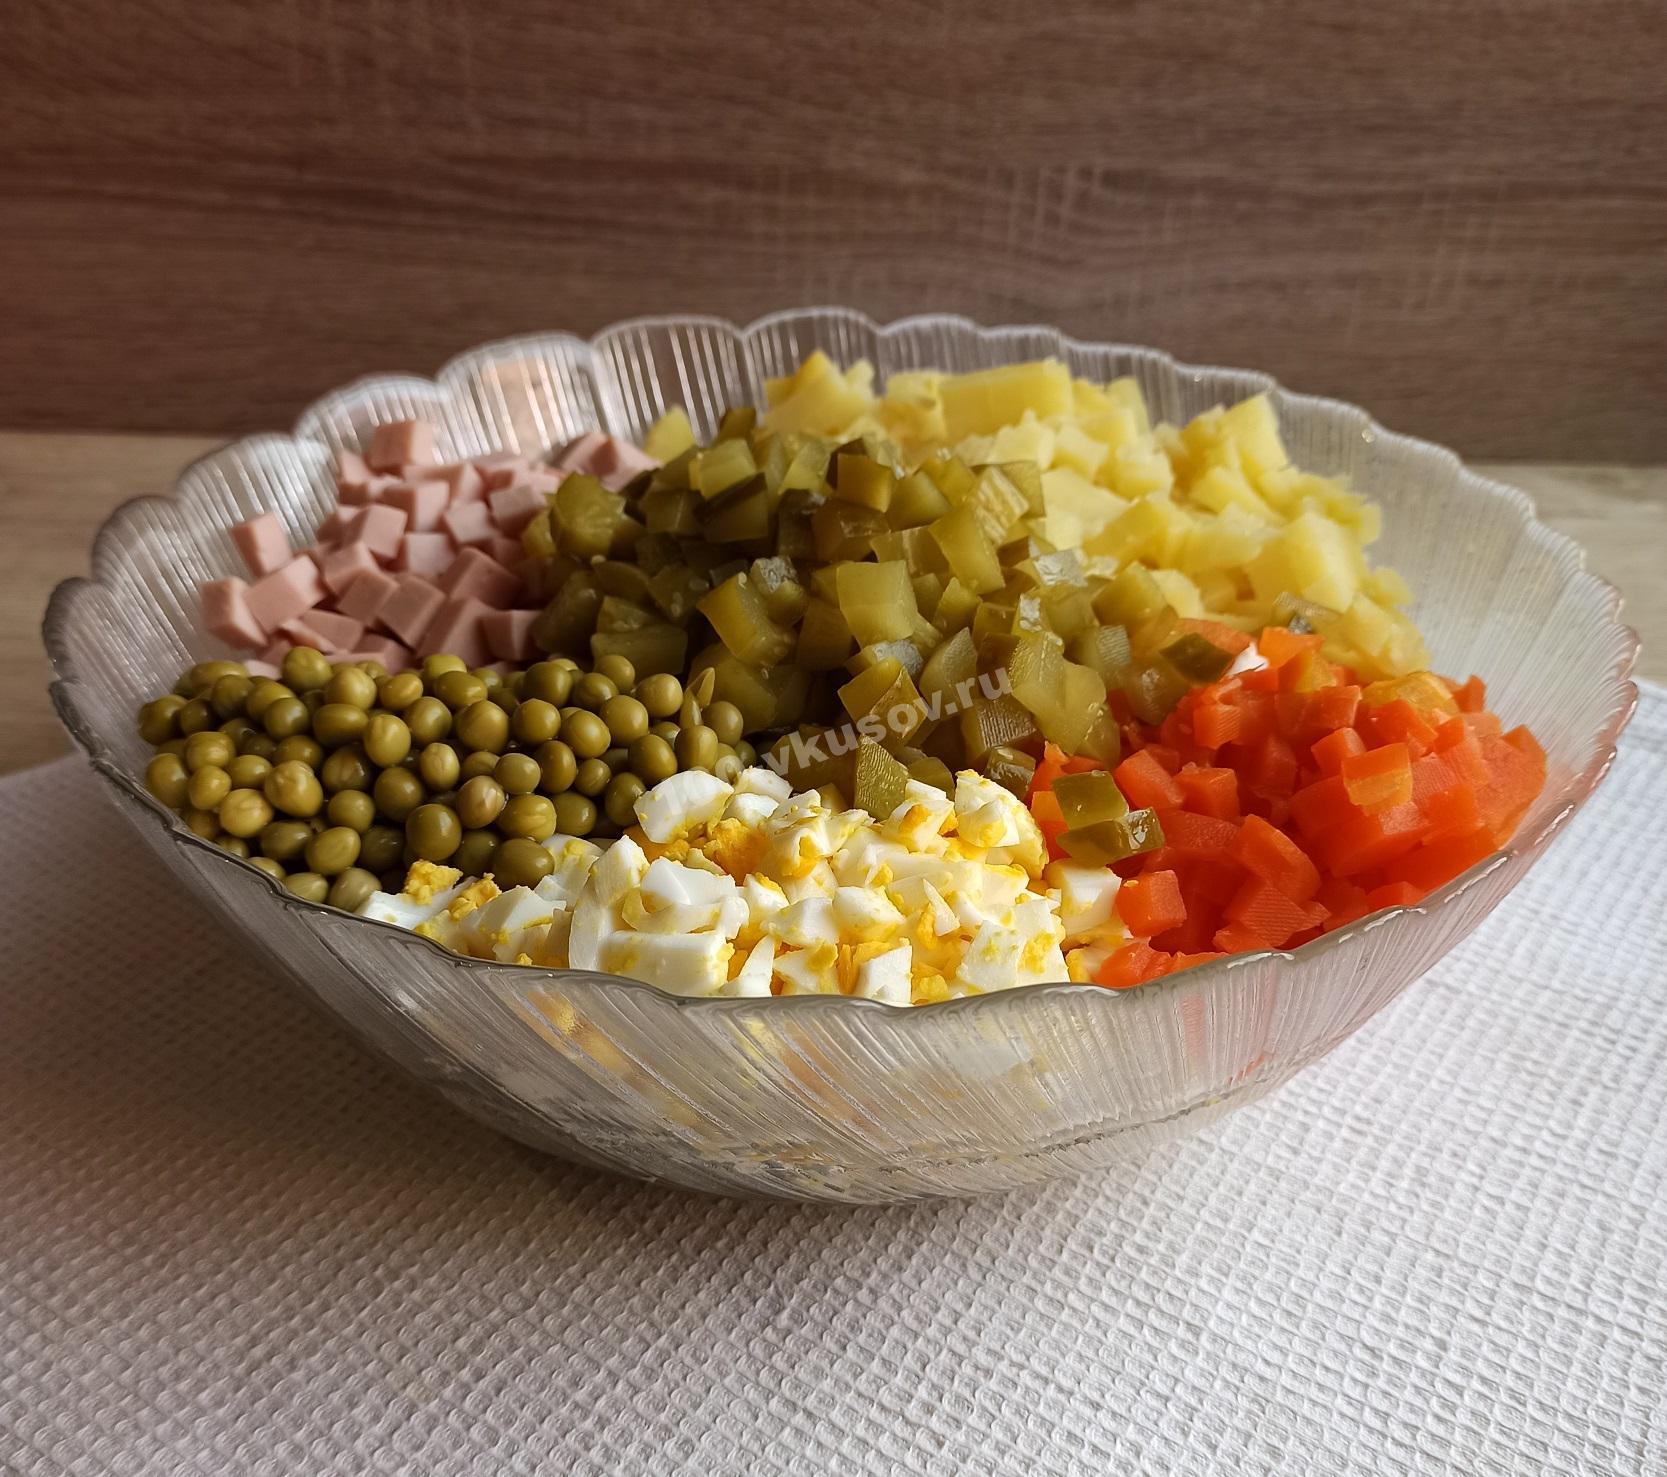 Соединяем ингредиенты для салата оливье